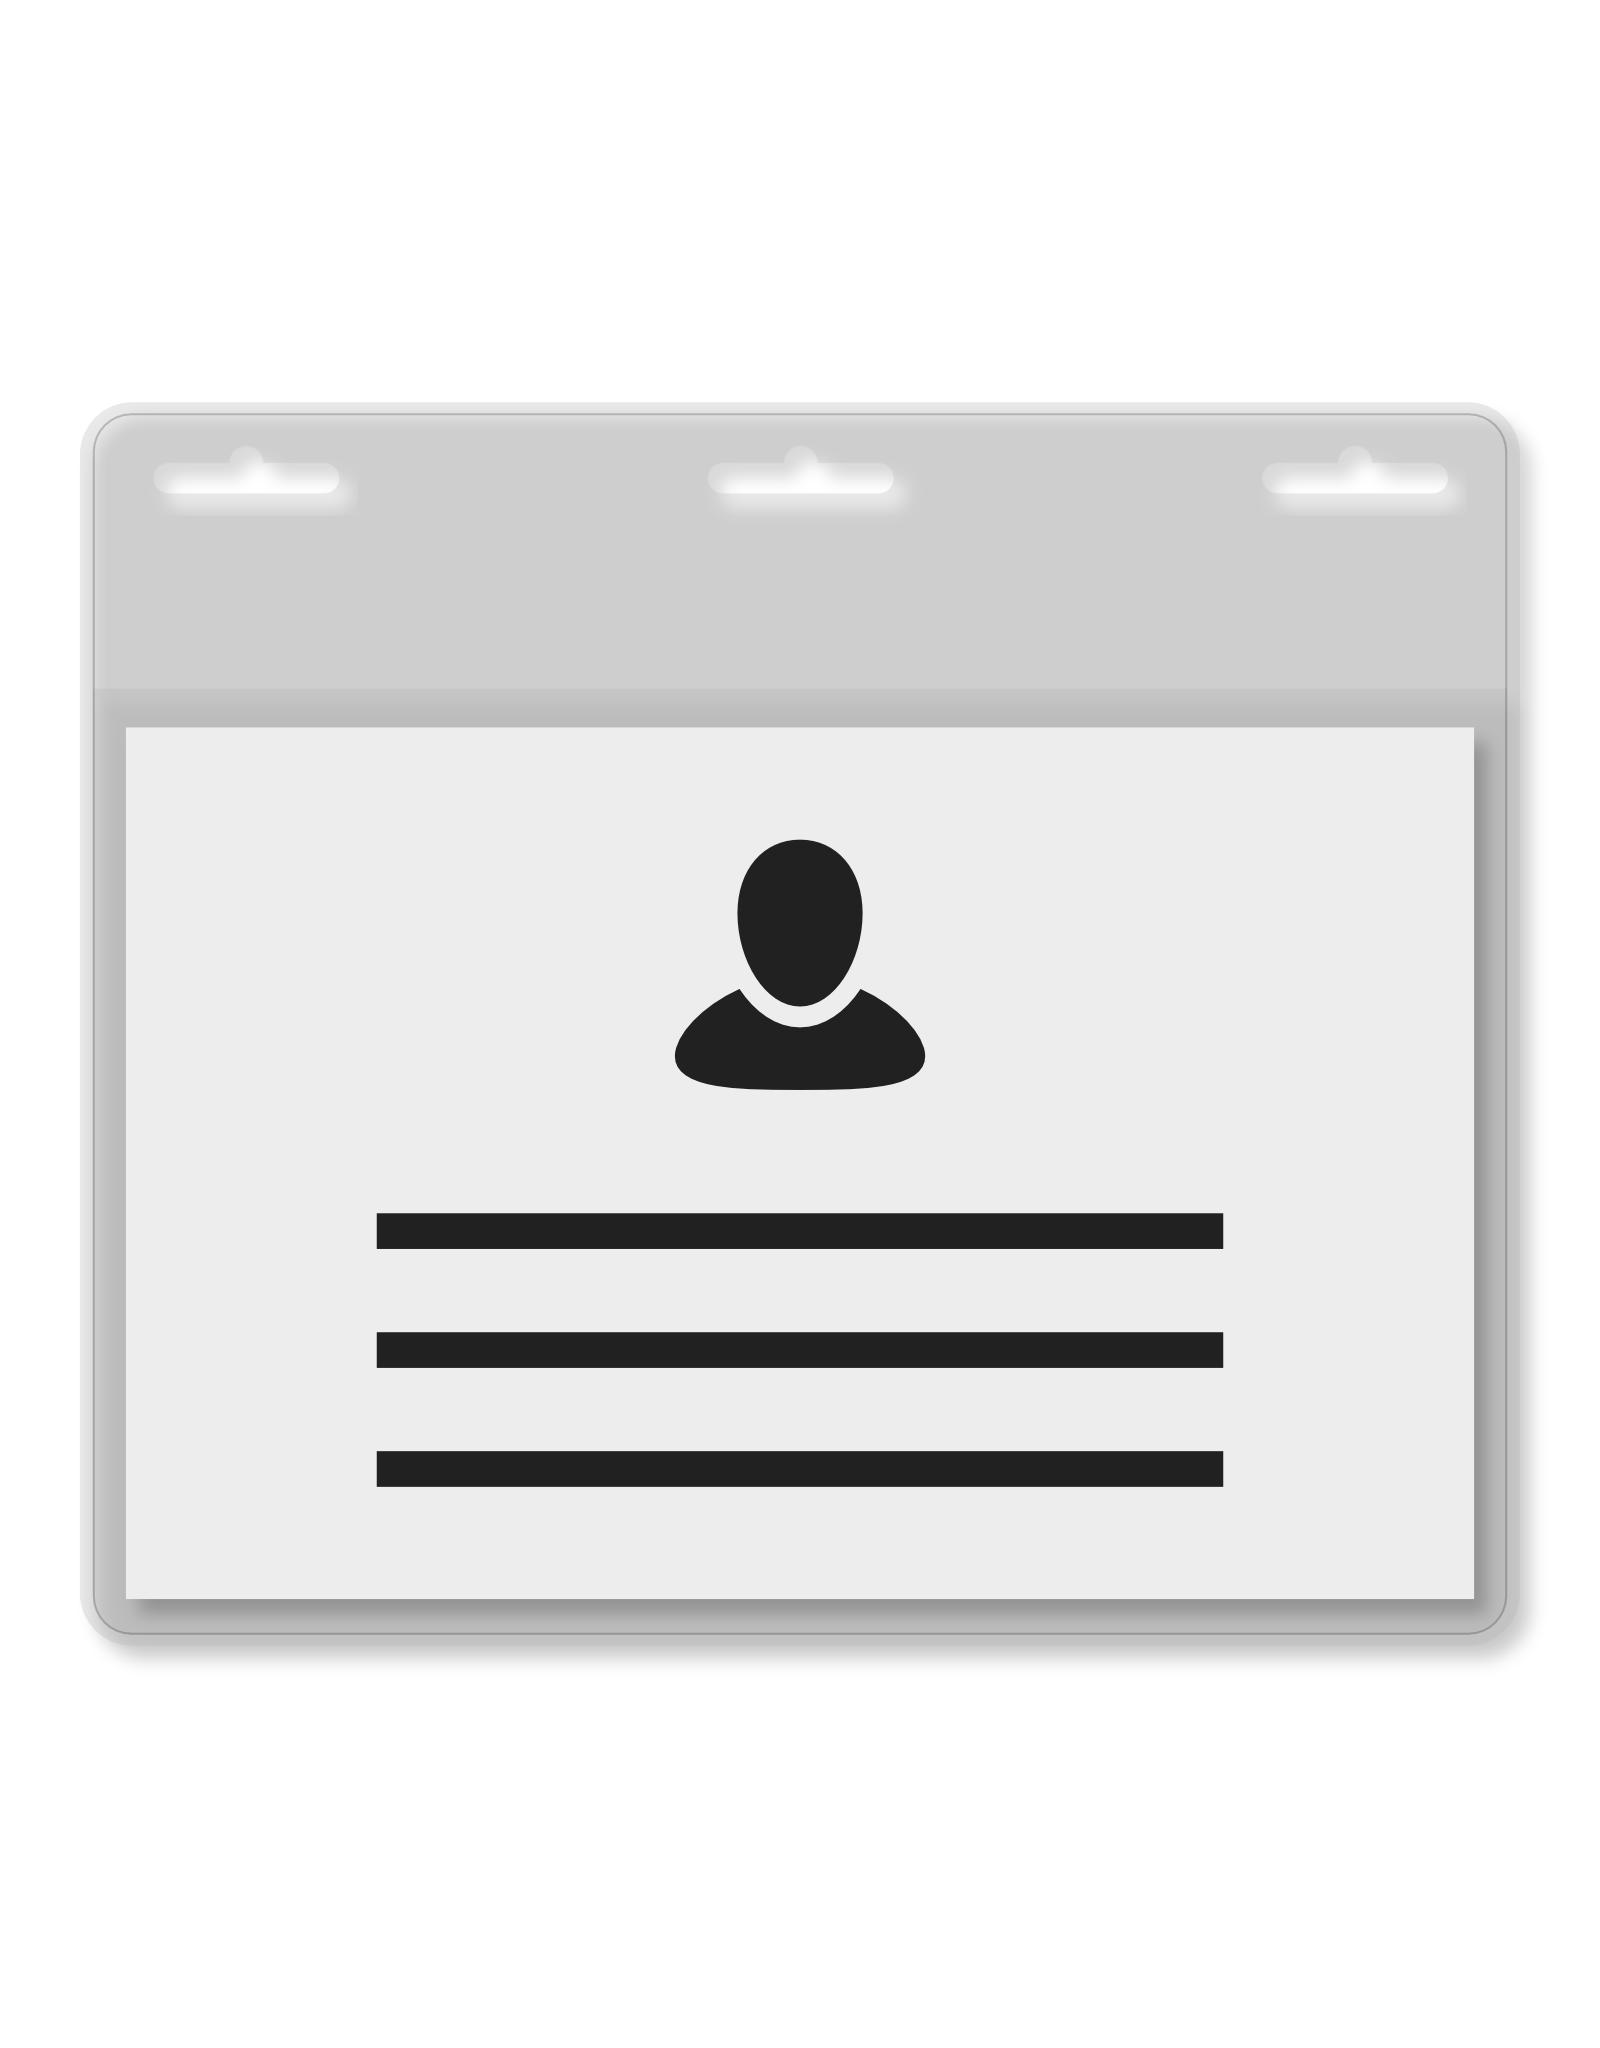 MeetingLinq Din A7 Ausweishülle mit  3 Steckplatze transparent inkl. Badgepapier ab € 0,36 pro Stück